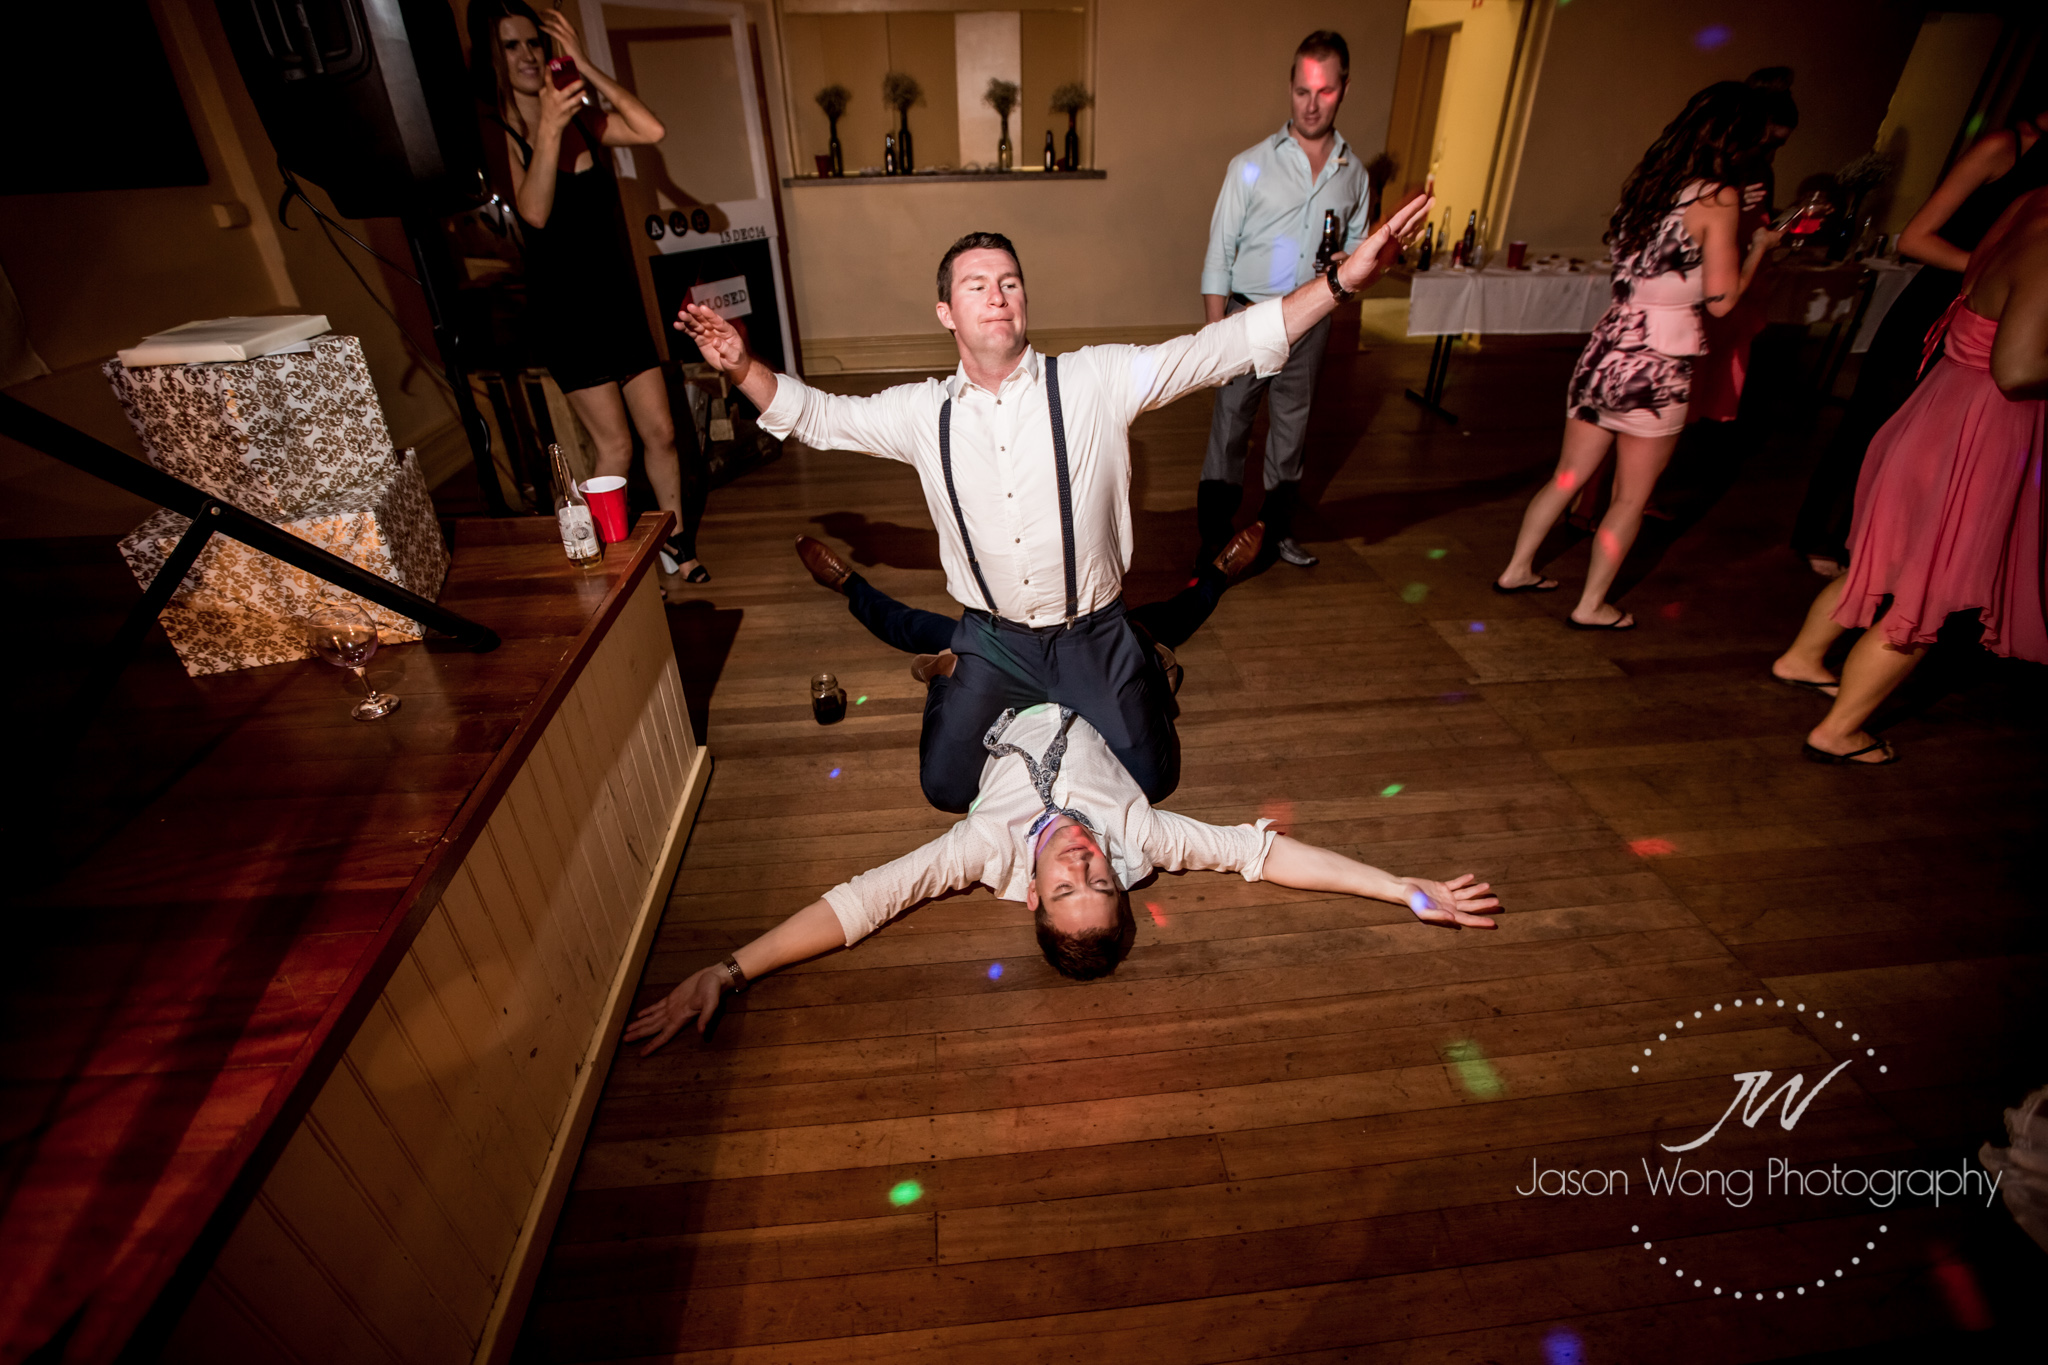 reception-dance-floor-is-always-interesting.jpg